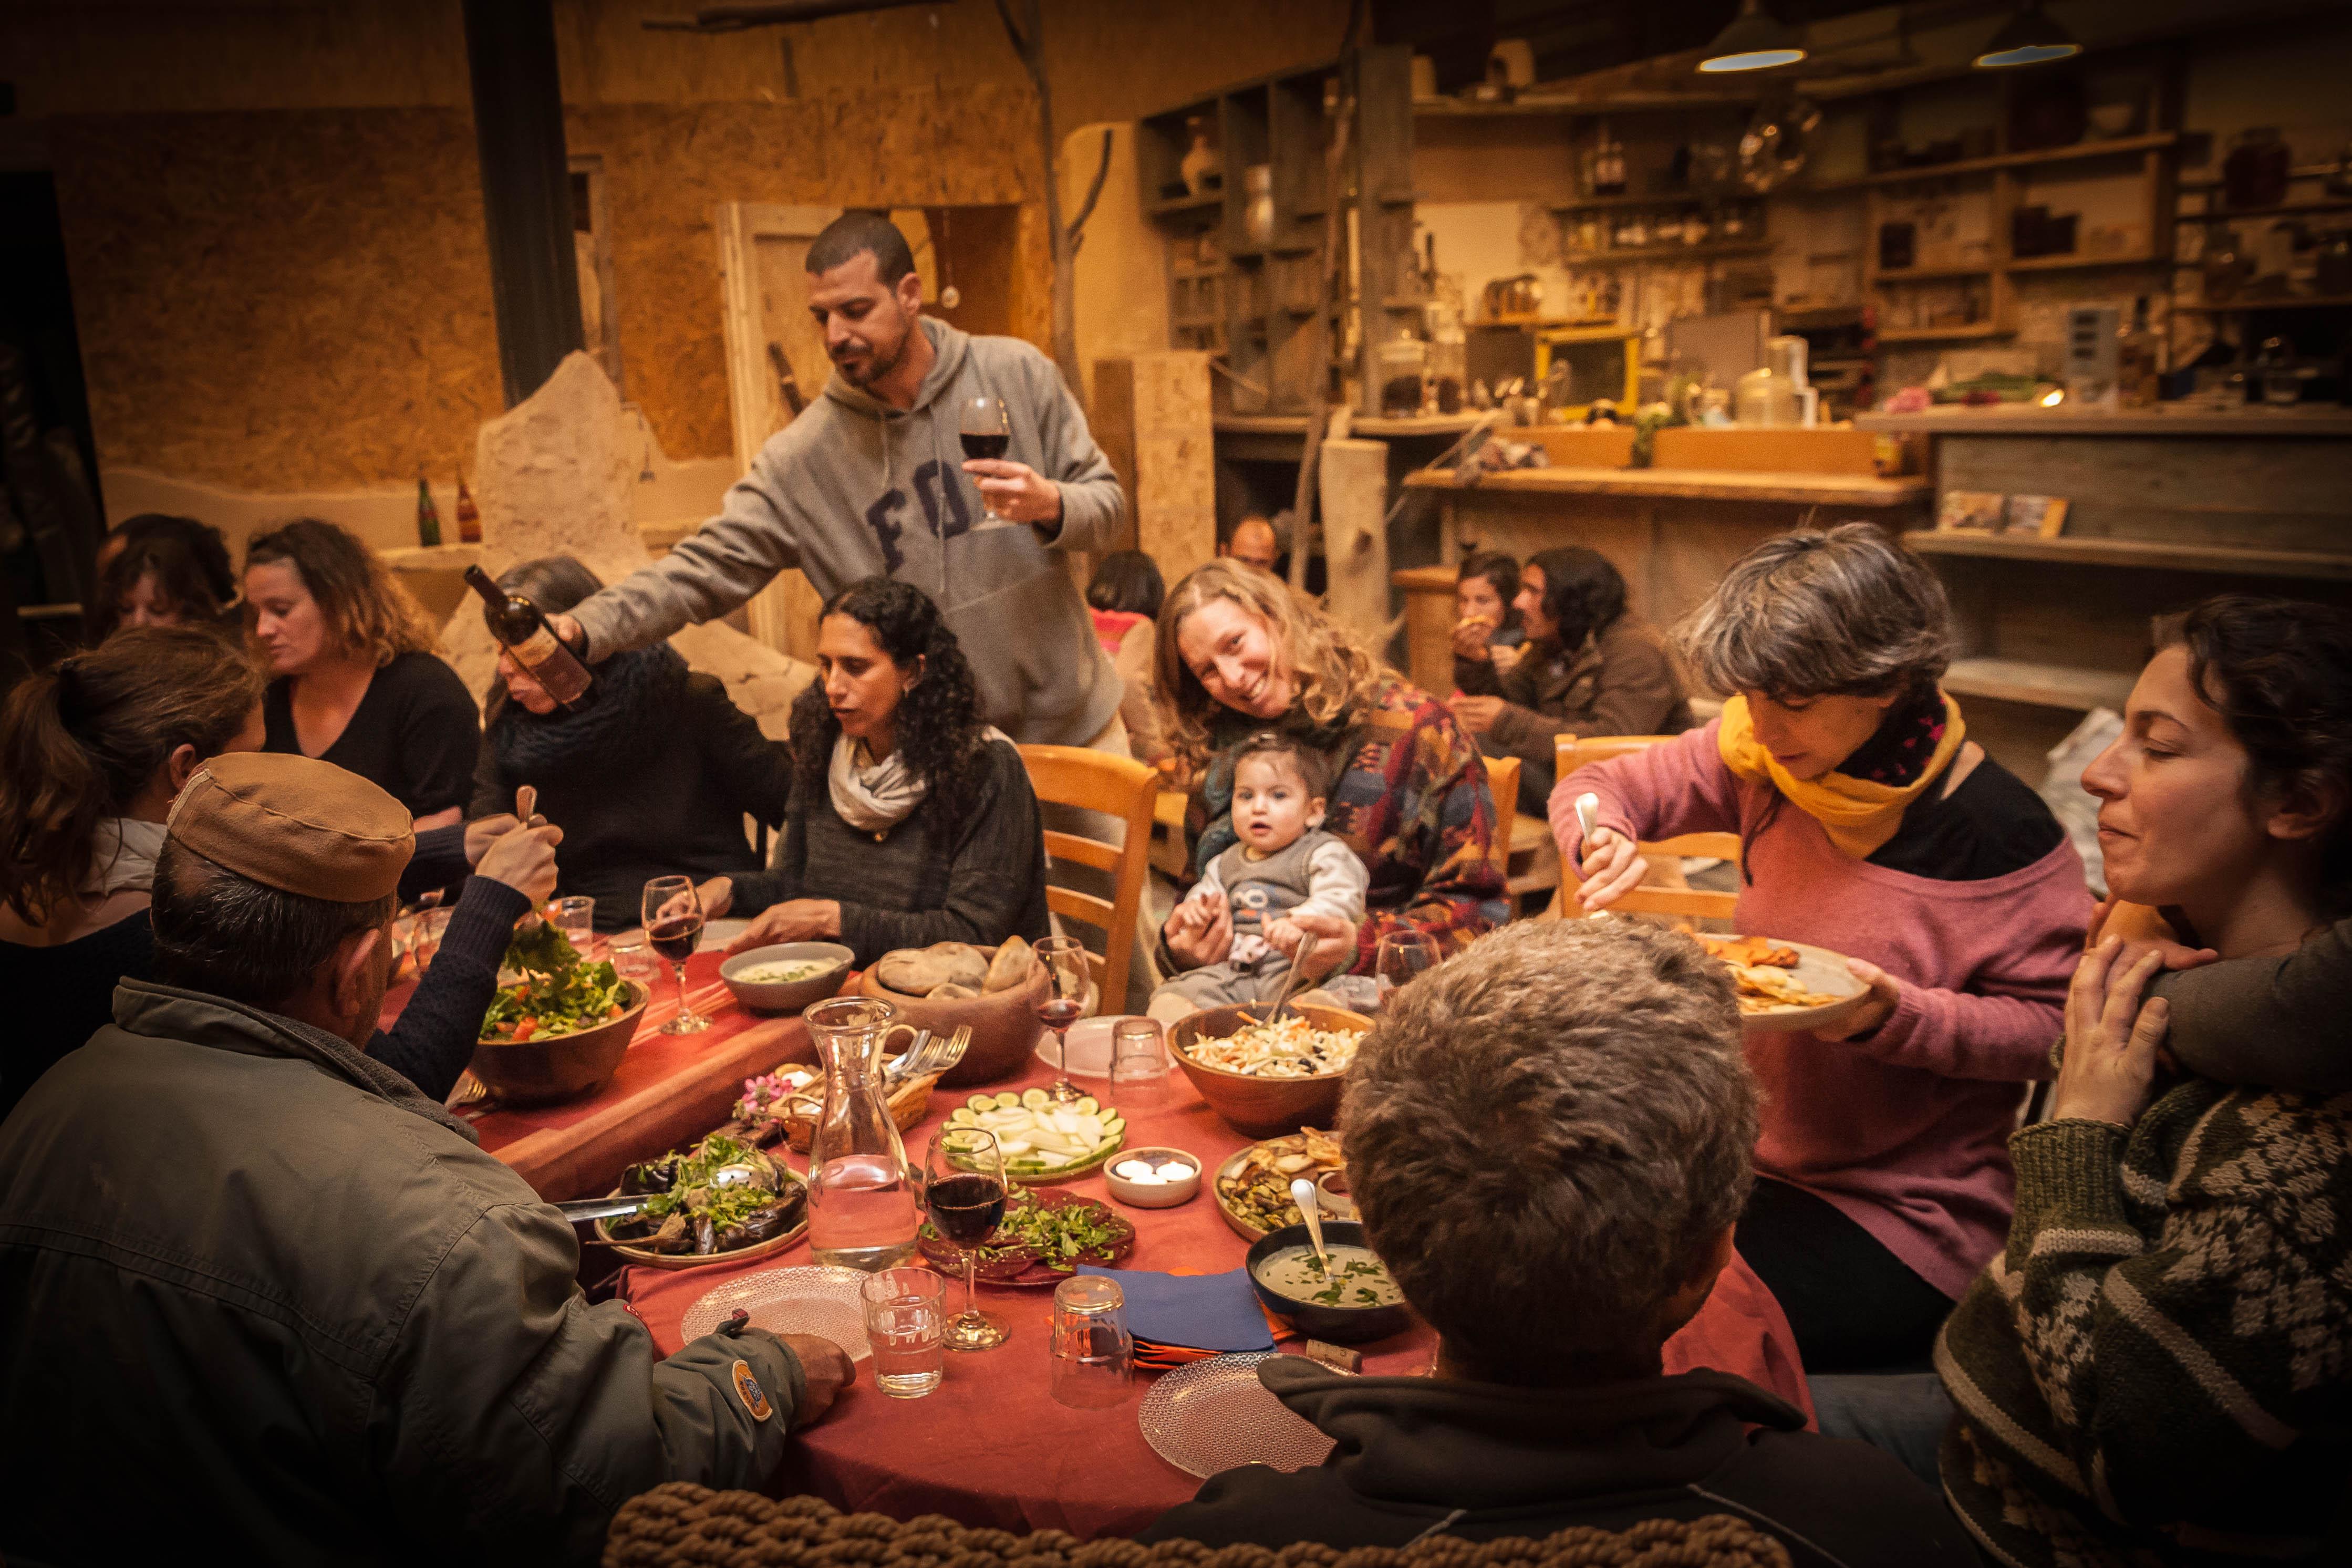 מפגש, טעימות ושיחה – יין, יזמות וקיימות בנגב בהדסער מצפה רמון